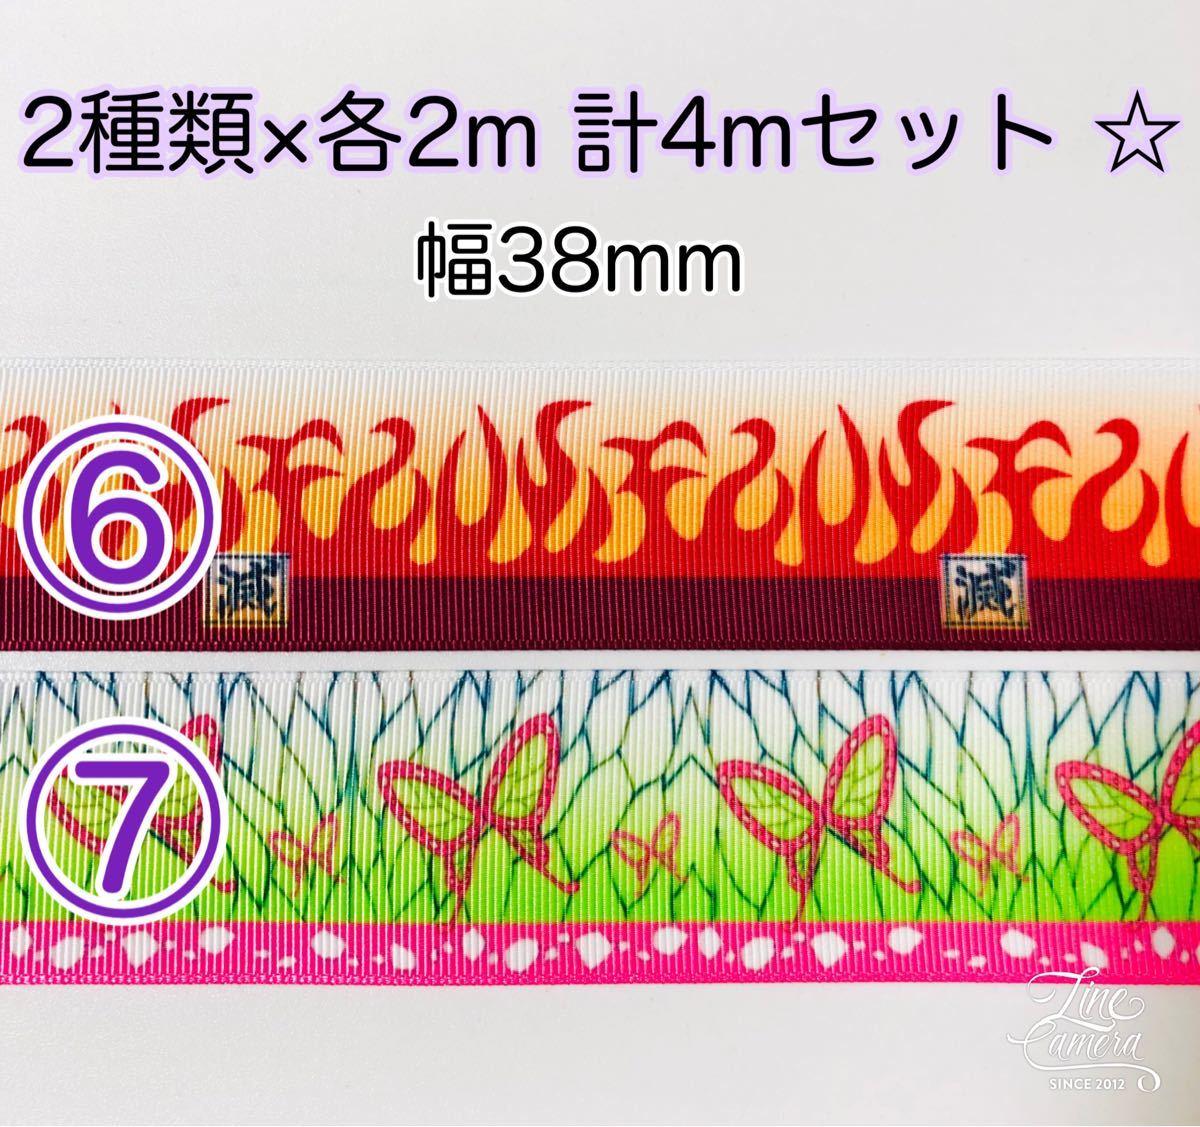 幅38mm 6番 7番 グログランリボン 2種類×各2m 計4mセット 鬼滅の刃